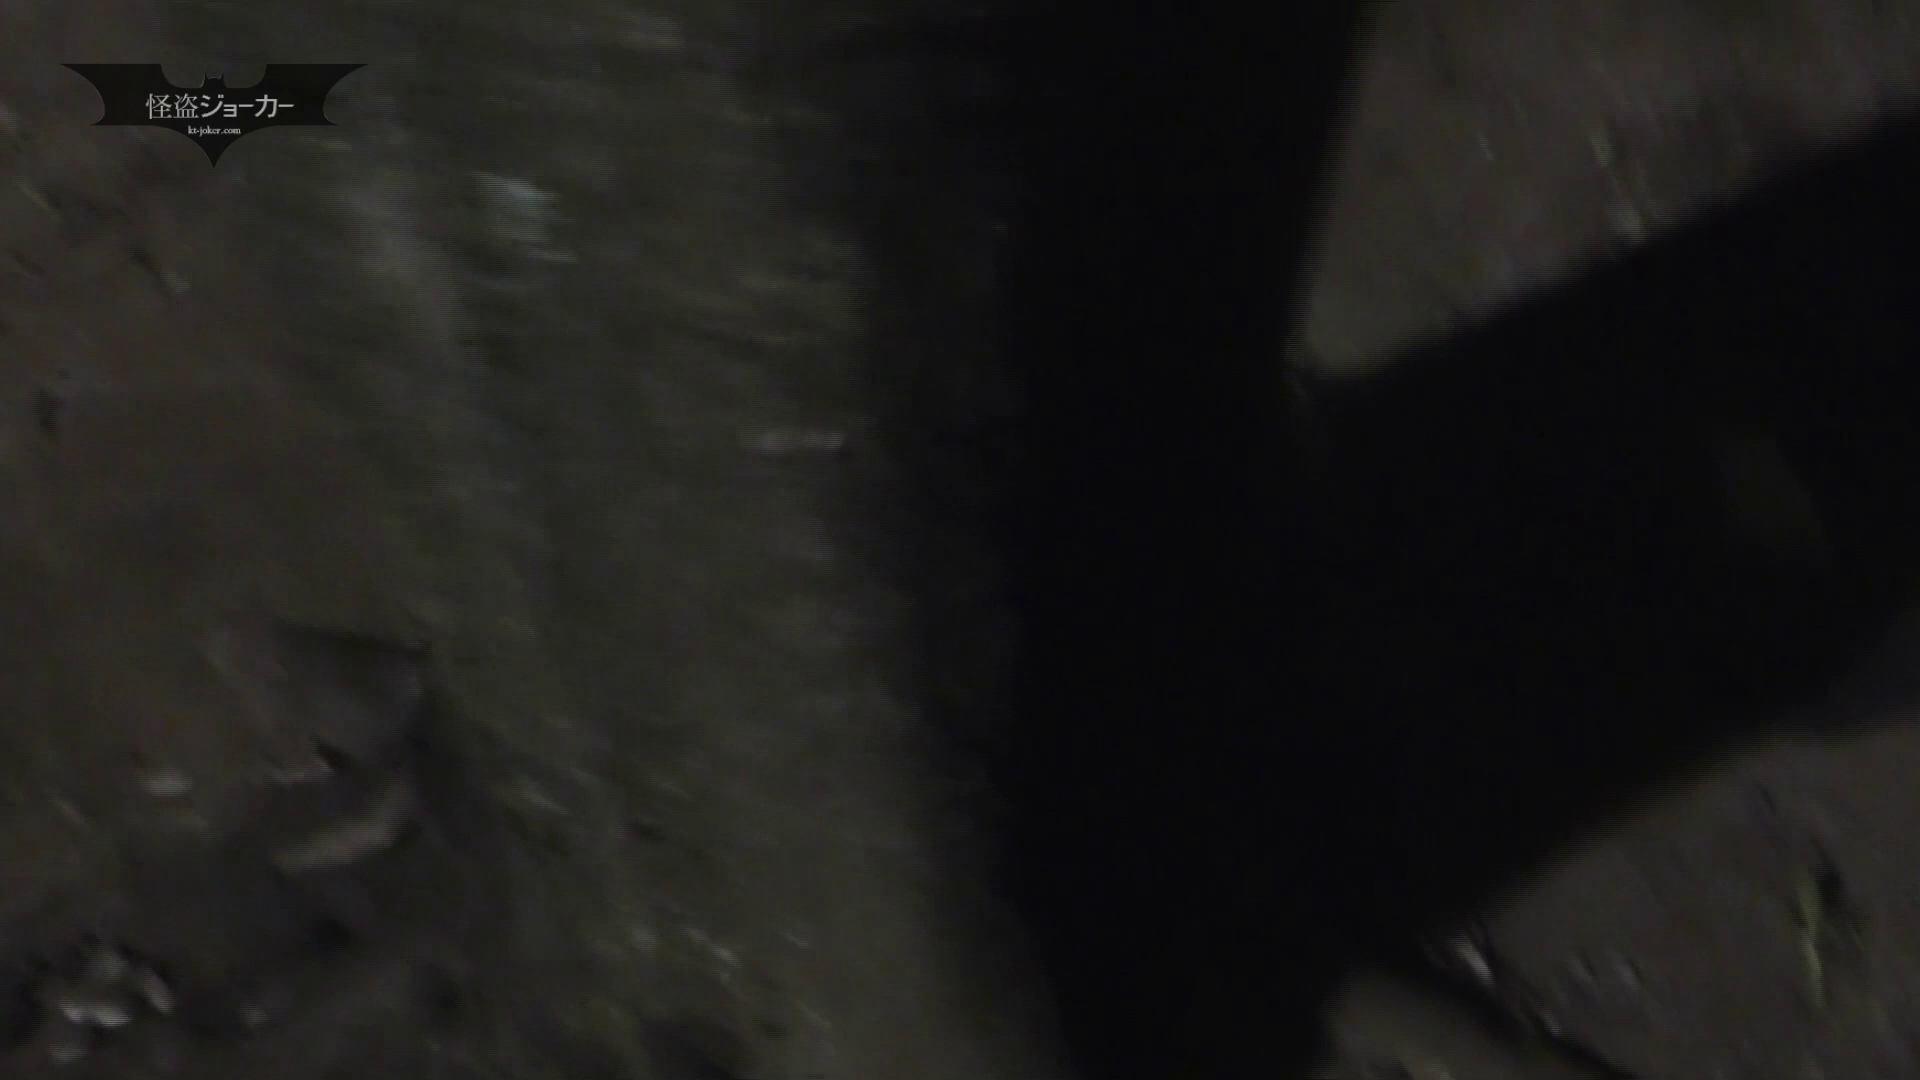 ヒトニアラヅNo.10 雪の様な白い肌 ギャル盗撮映像 隠し撮りオマンコ動画紹介 105PIX 6